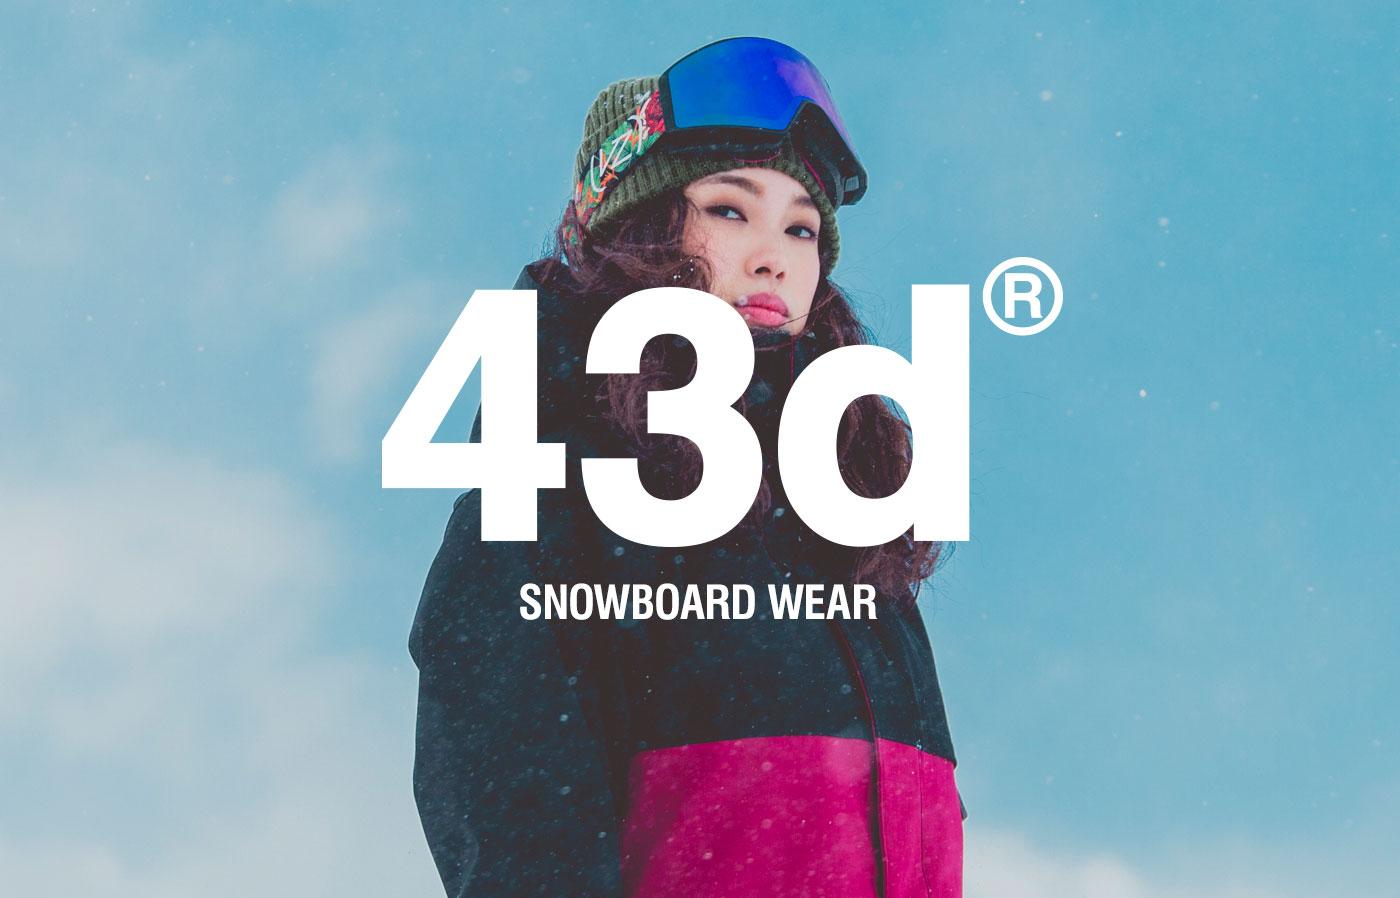 スノーボードウェア 43degrees